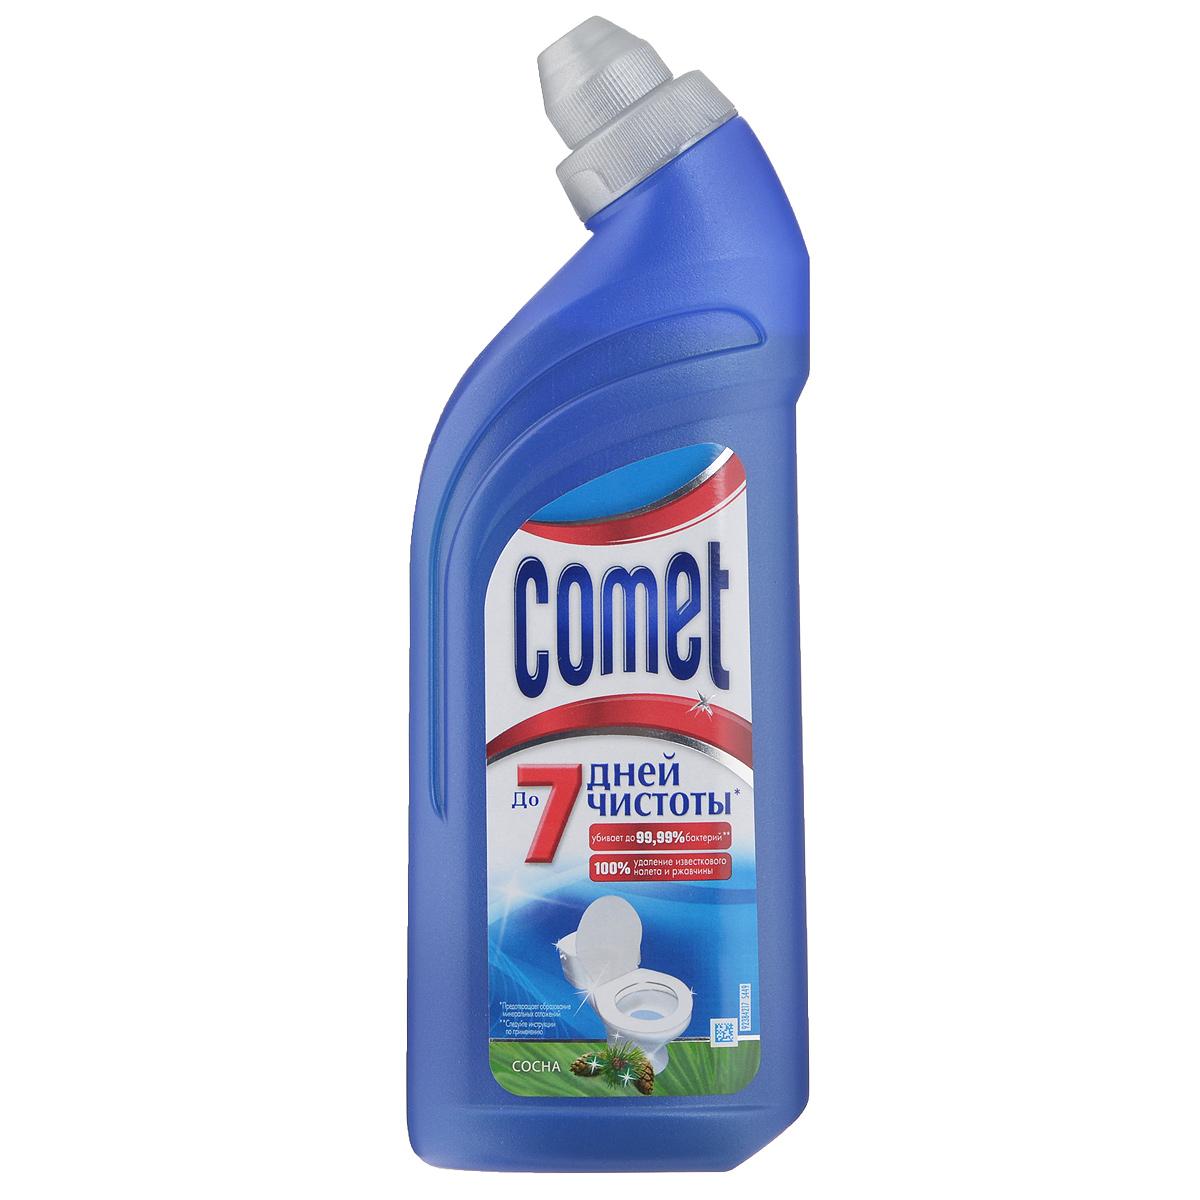 Чистящее средство для туалета Comet, сосна, 500 млCG-80227816Чистящее средство Comet для туалета сохраняет чистоту до 7 дней, благодаря защитному слою. Средство отлично чистит и удаляет известковый налет и ржавчину, а также дезинфицирует поверхность. Обладает приятным ароматом сосны.Товар сертифицирован.УВАЖАЕМЫЕ КЛИЕНТЫ!Обращаем ваше внимание на возможные изменения в дизайне товара. Поставка осуществляется в зависимости от наличия на складе.